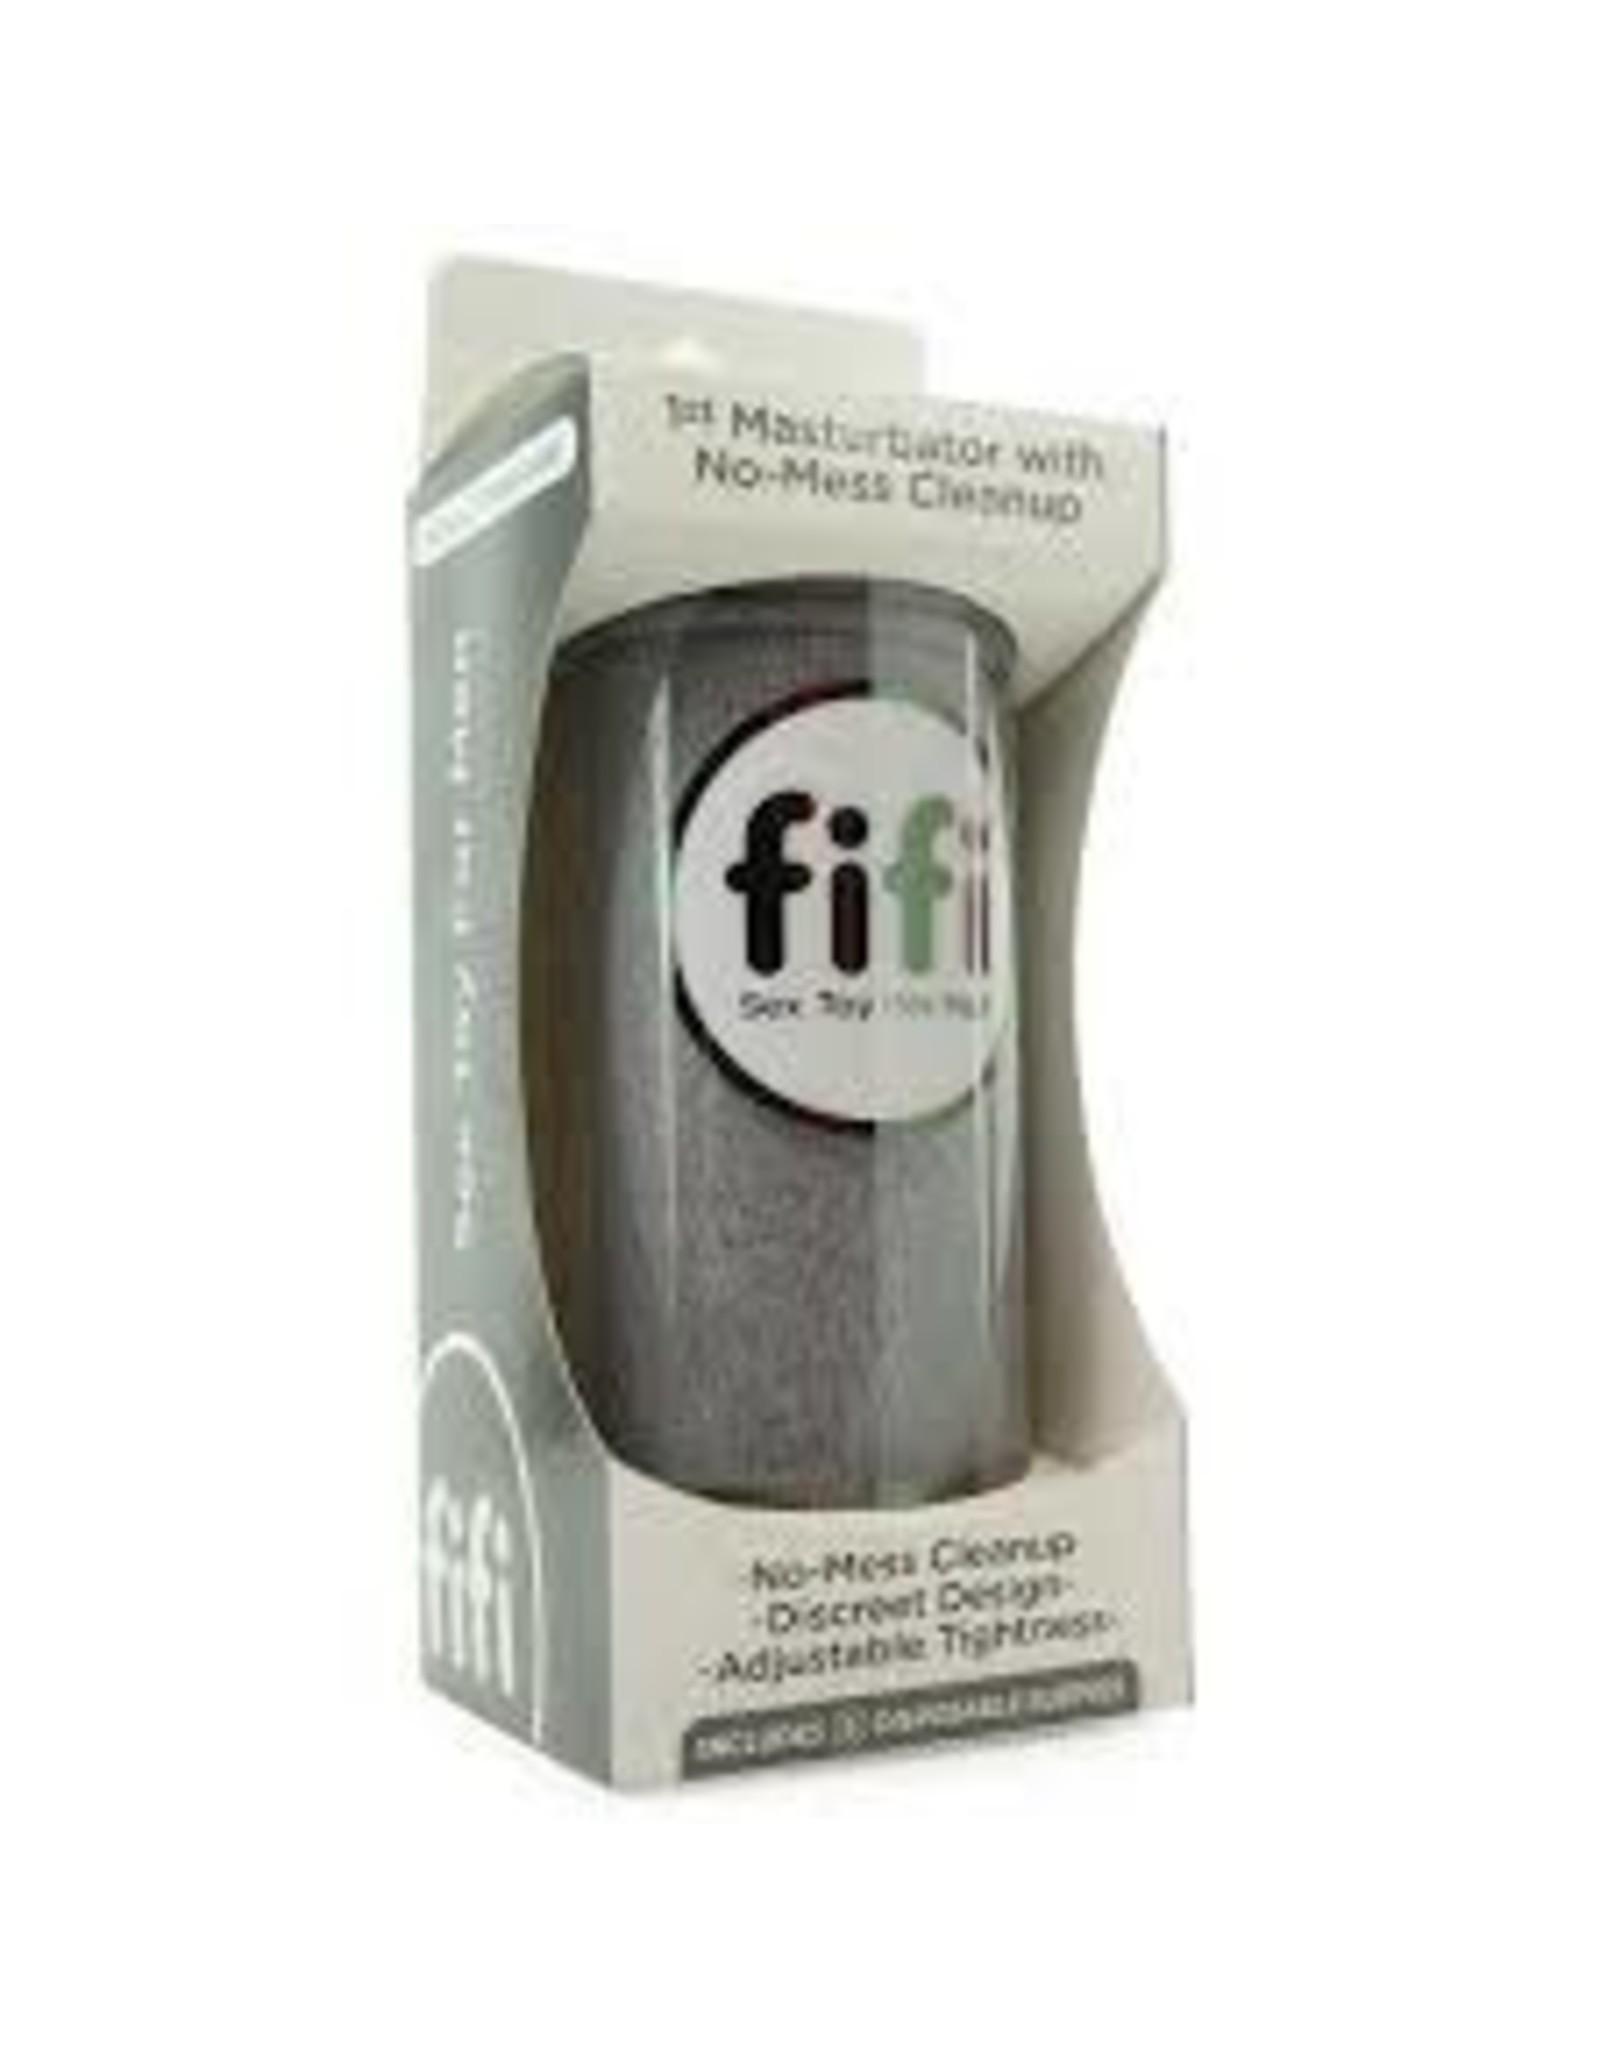 FIFI - NO-MESS STROKER - GREY